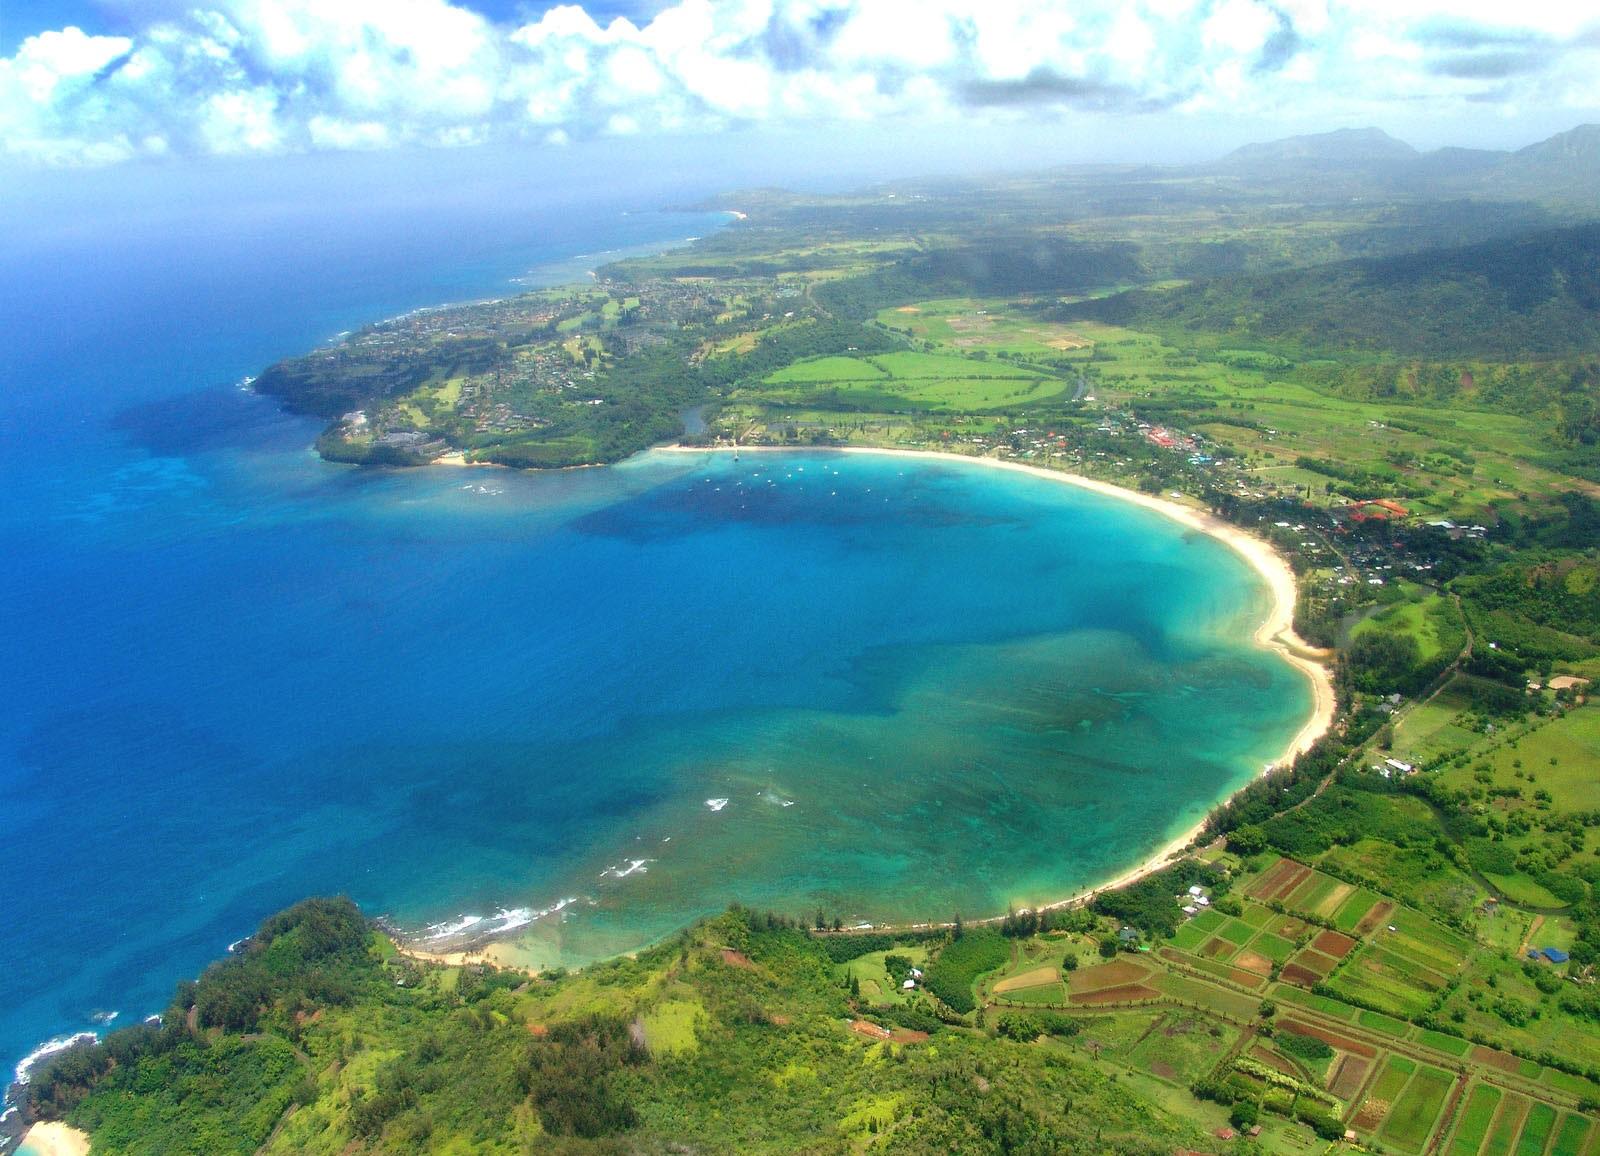 Kauai Hawaii: Awesome Travel Places